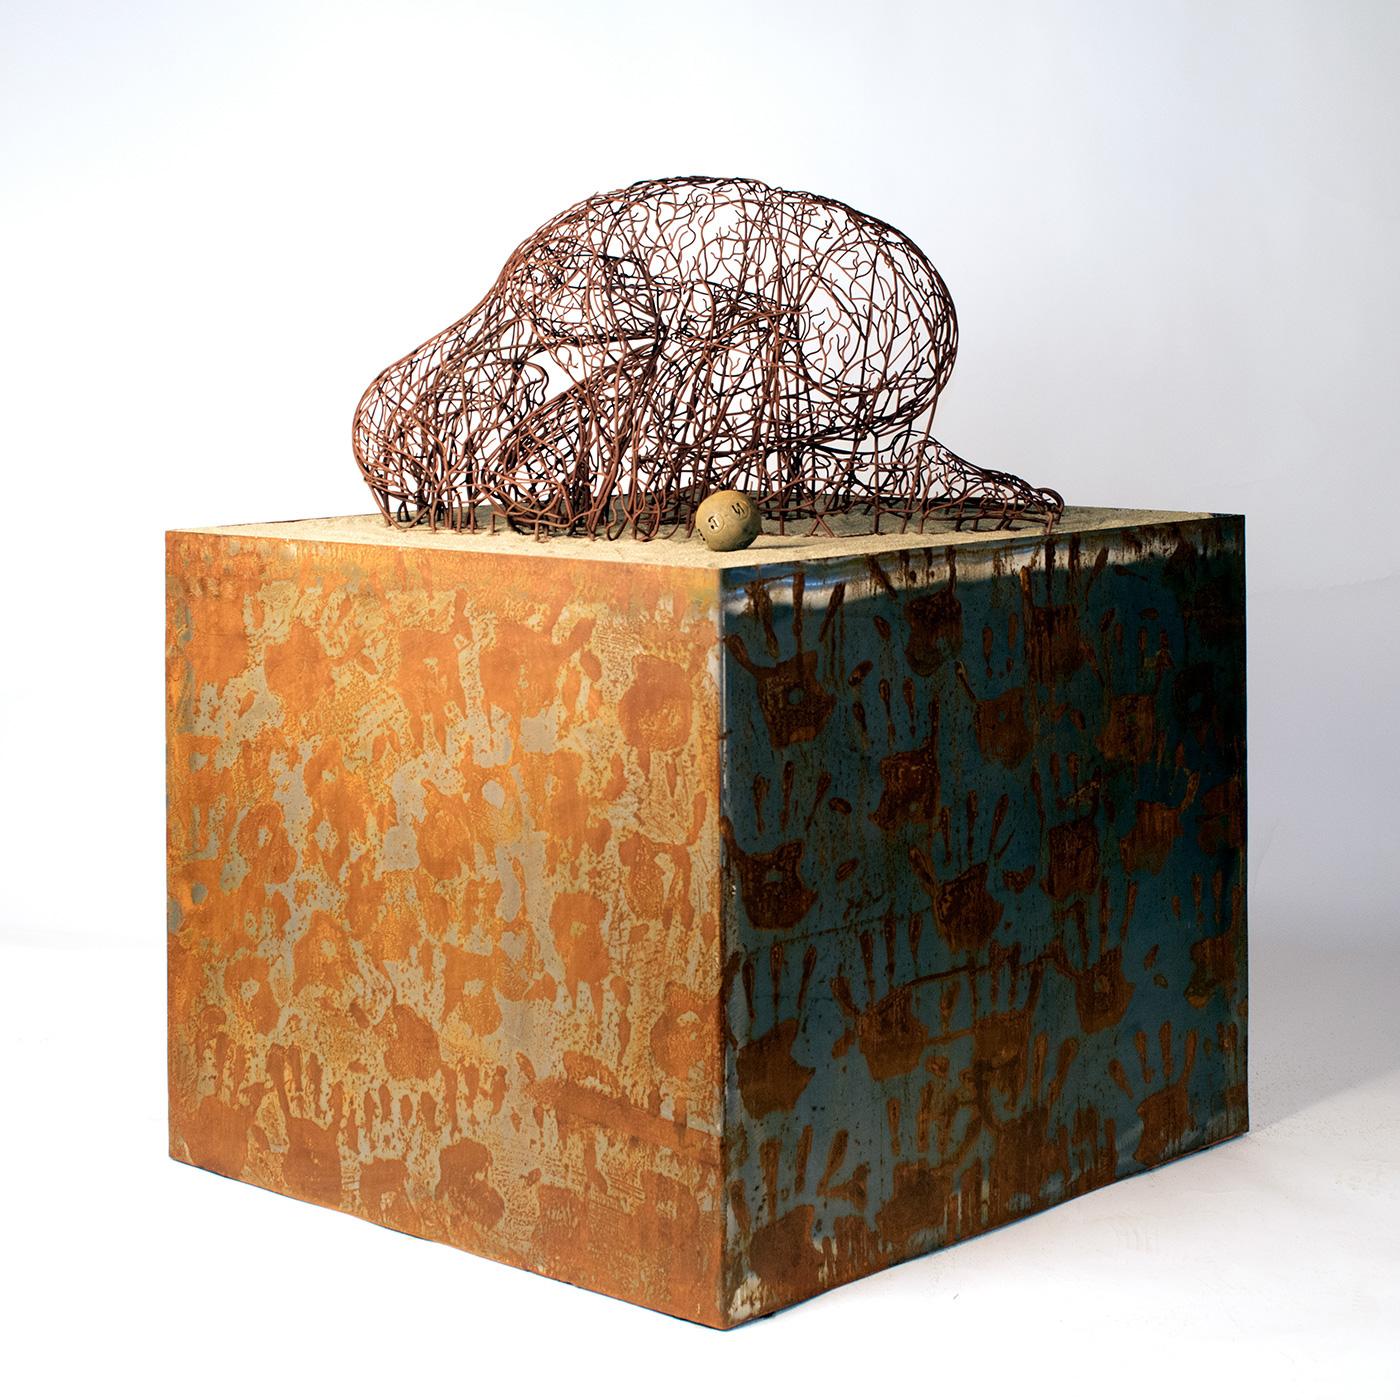 Bonzanos A.G., Once Human, Scultura in filo SLS Duraform, realizzata con stampante 3D, 167x50x40 cm, 2018.